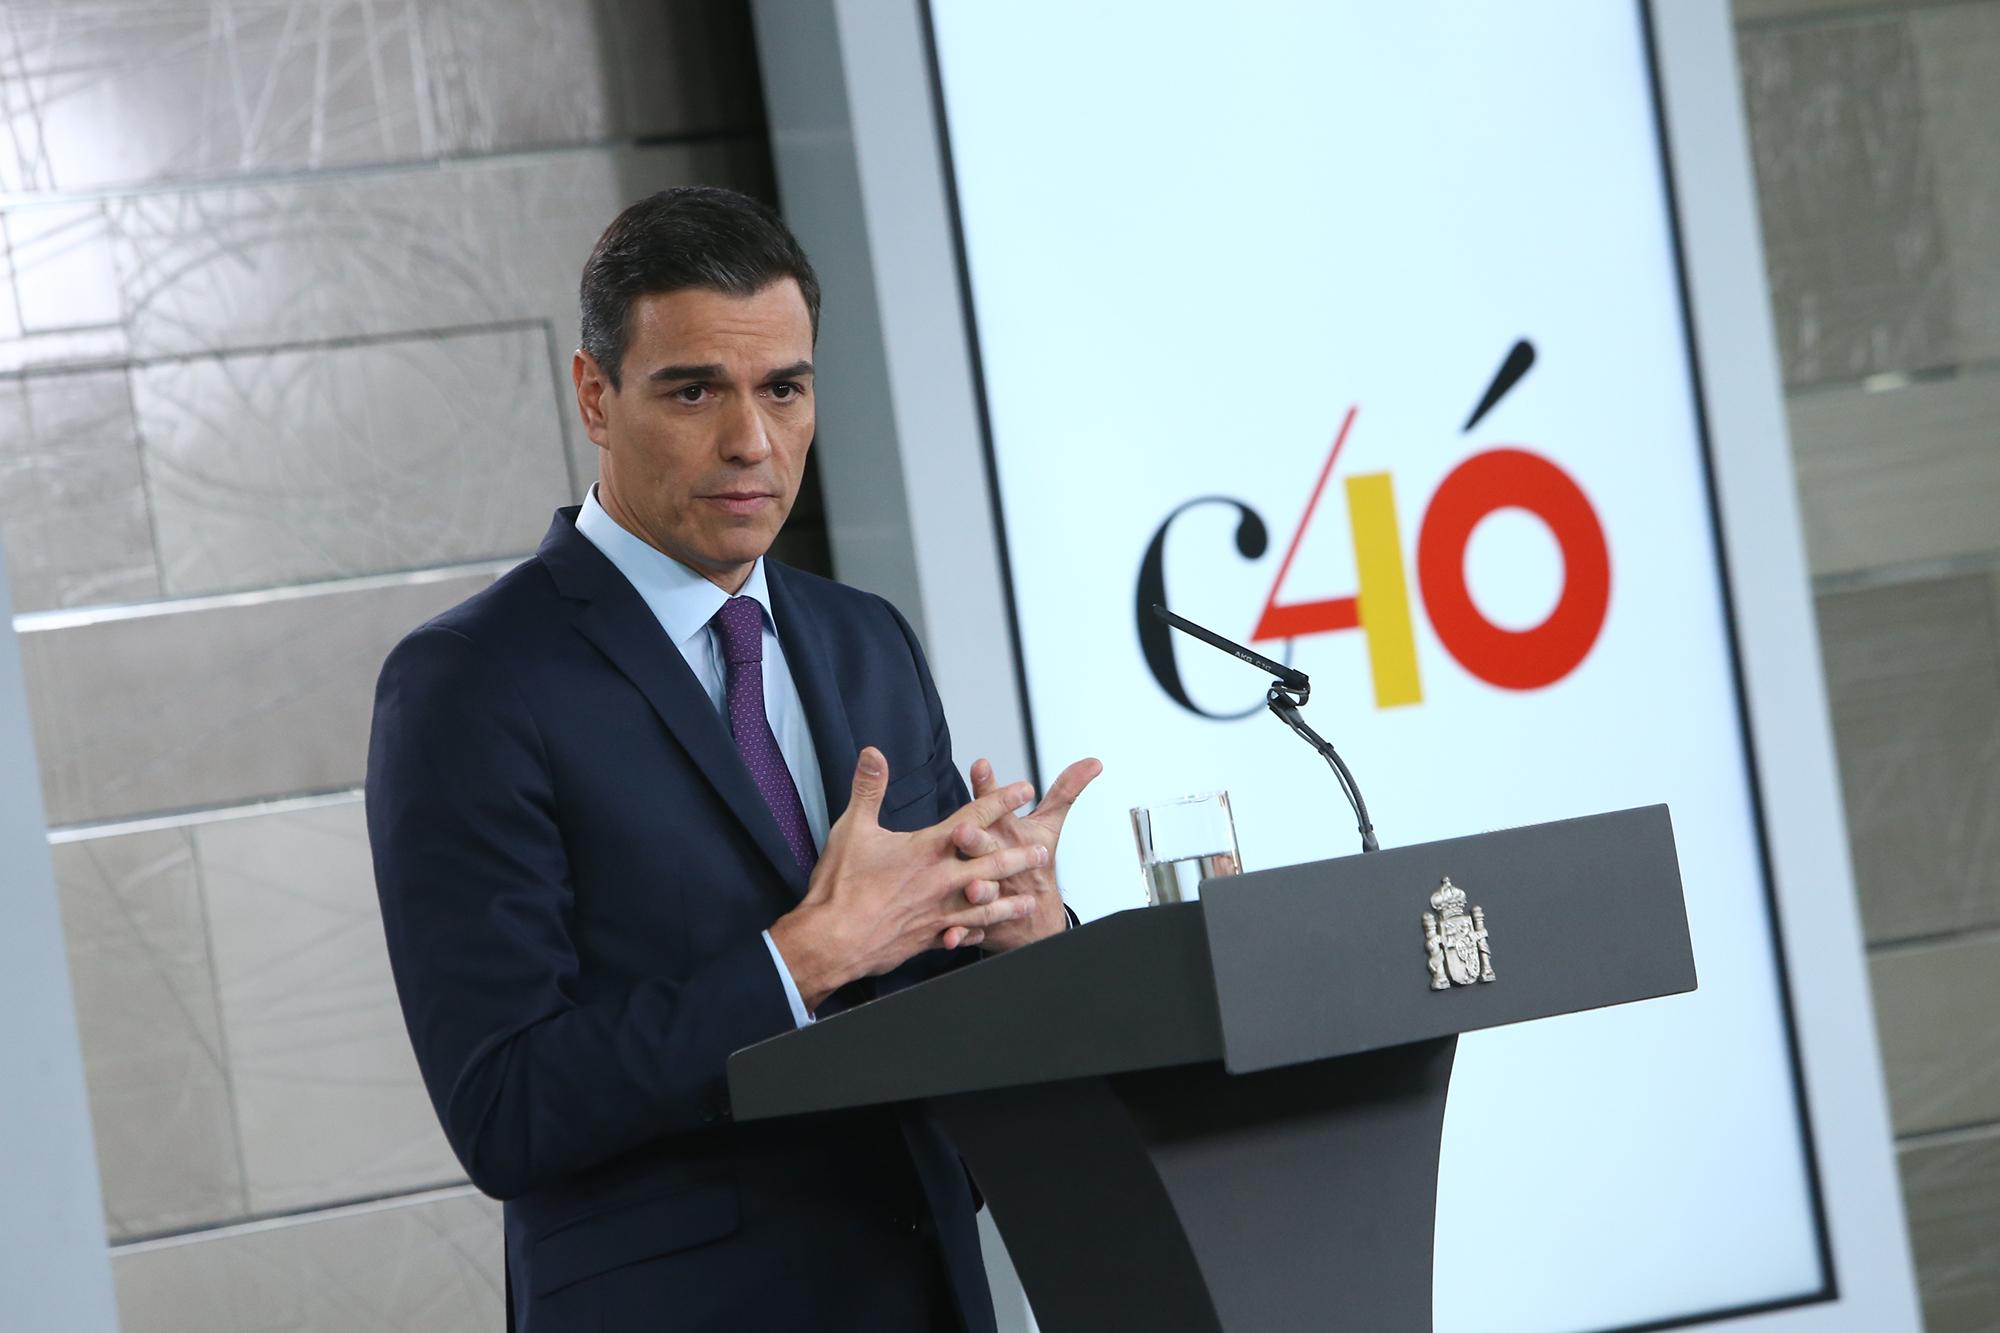 El presidente del Gobierno, Pedro Sánchez, durante la rueda de prensa posterior al Consejo de Ministros en la que ha ofrecido el balance de gestión del Gobierno. Pool Moncloa/Fernando Calvo.